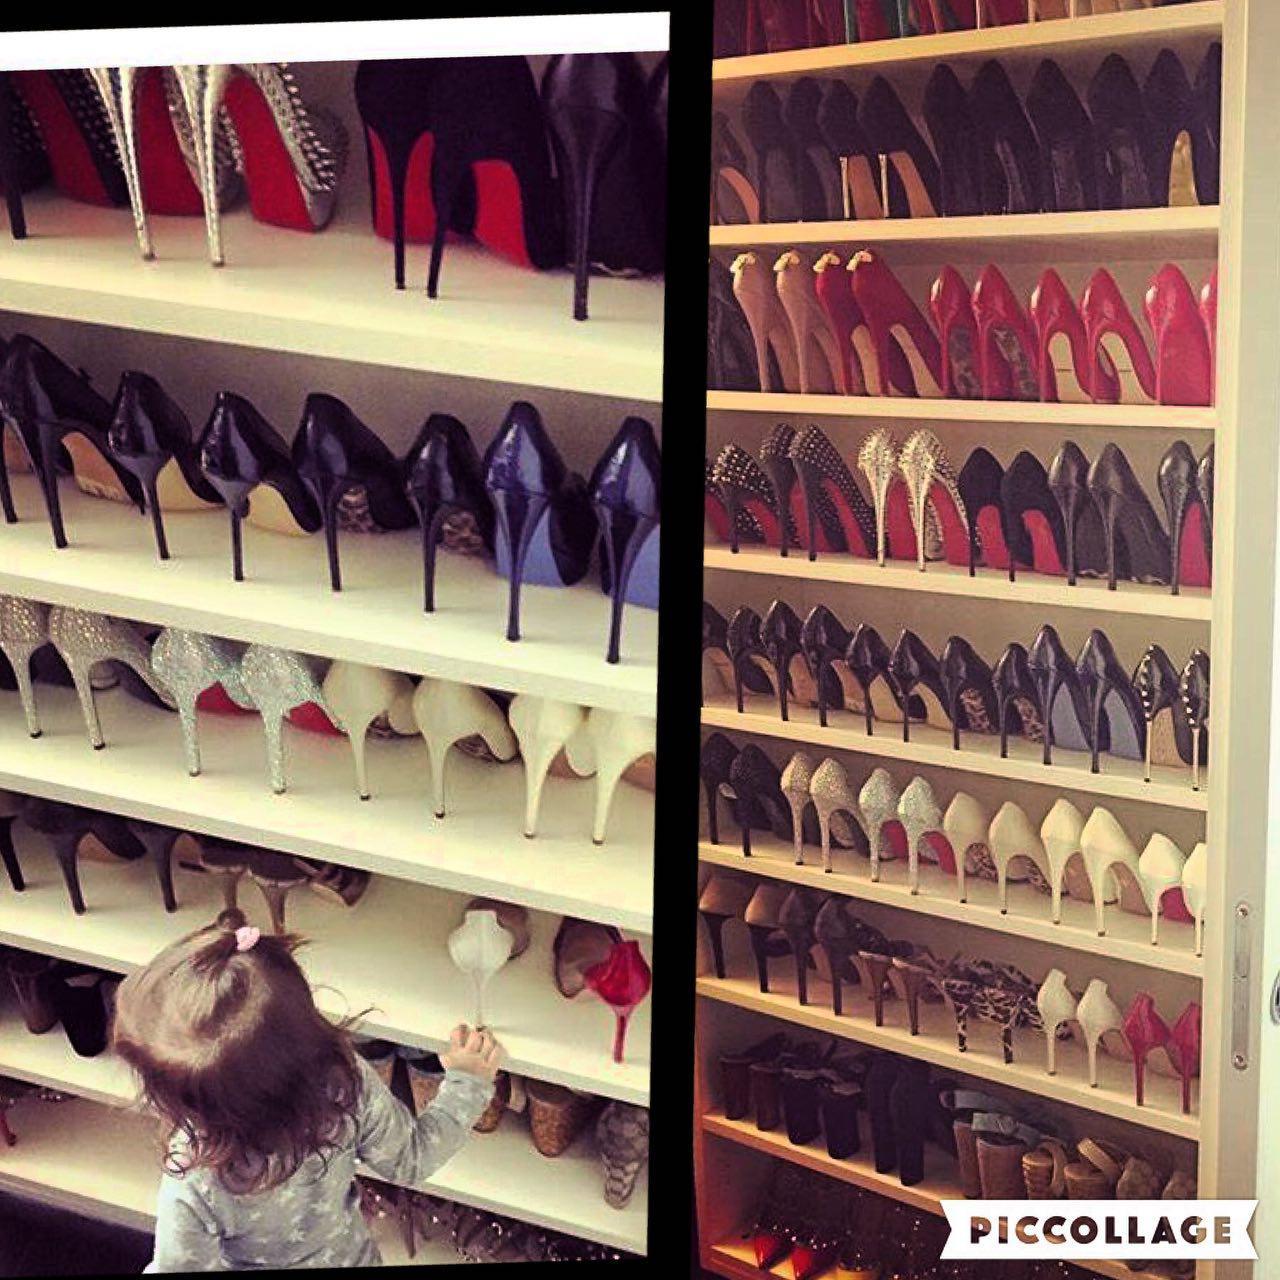 کمد کفش های پاشنه بلند همسر یک فوتبالیست ایرانی!